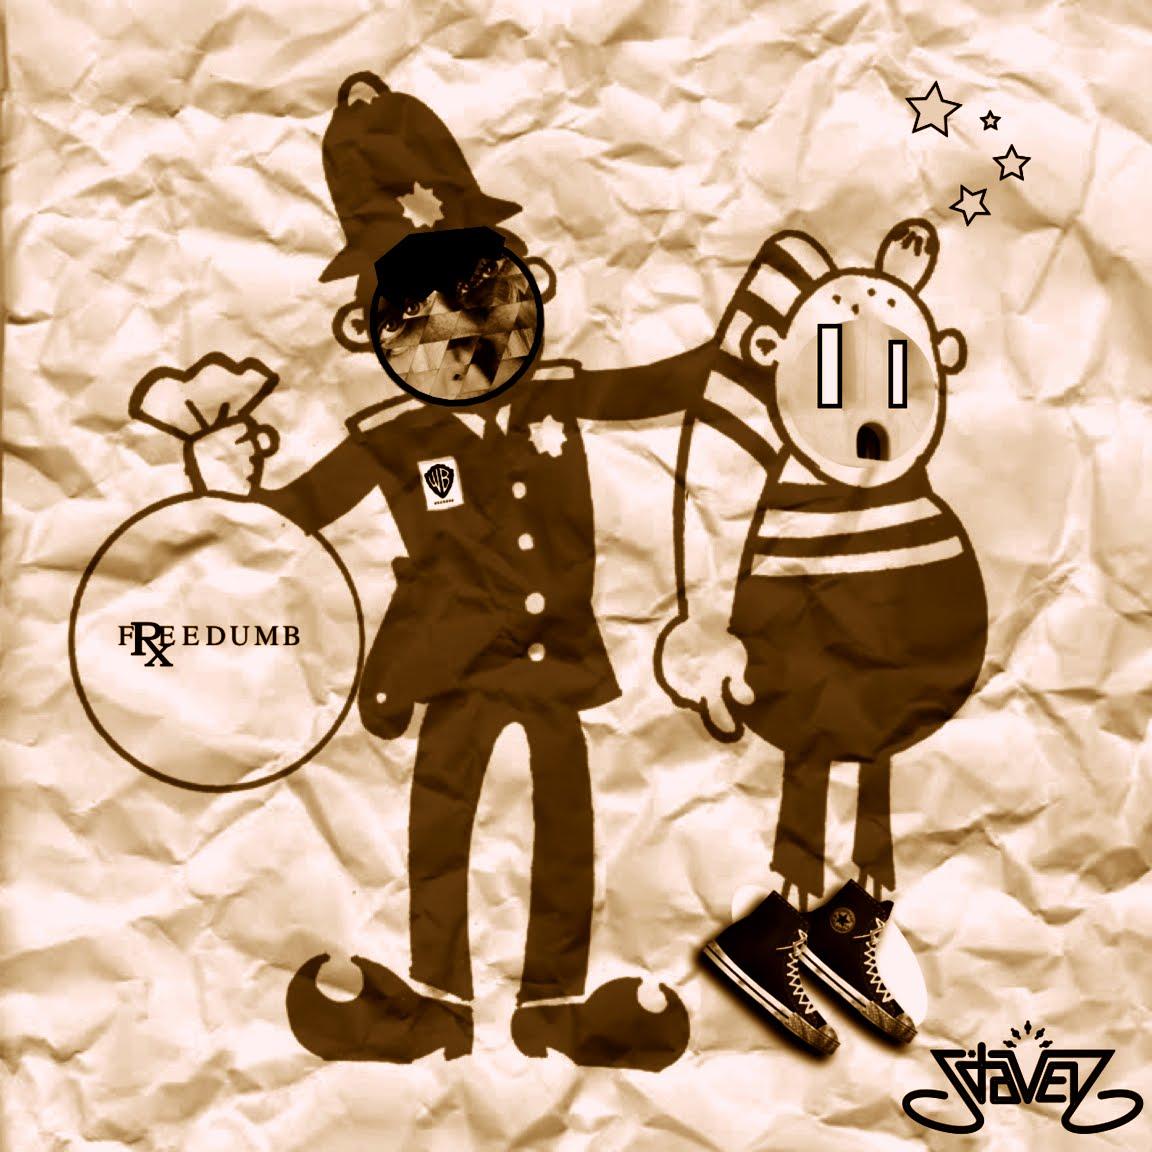 http://2.bp.blogspot.com/-UVFh3KlkXiA/TWwoP1cMlOI/AAAAAAAAApY/D6bcfc-swLk/s1600/cover.jpg